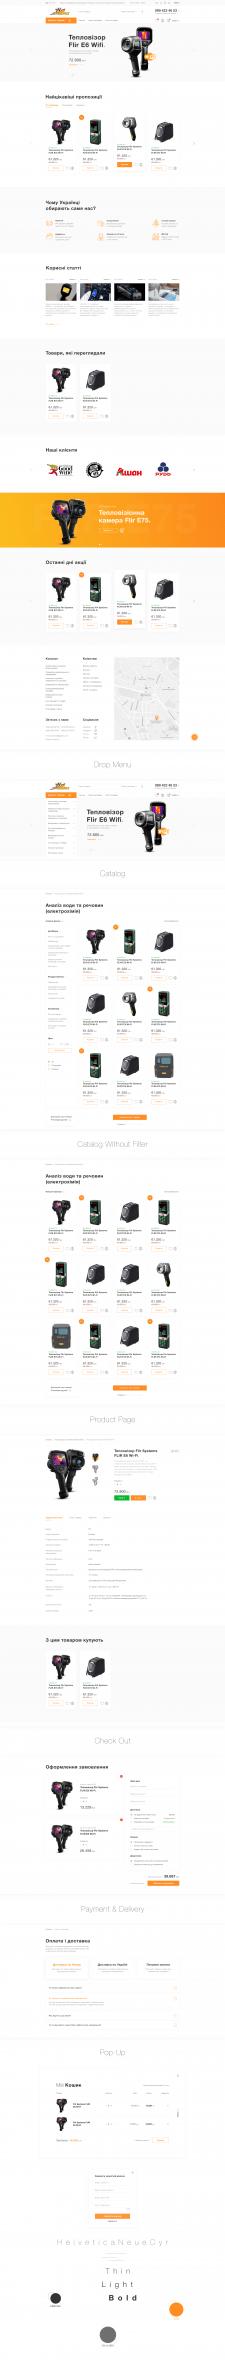 Simvolt - Лучший маркет измерительных приборов